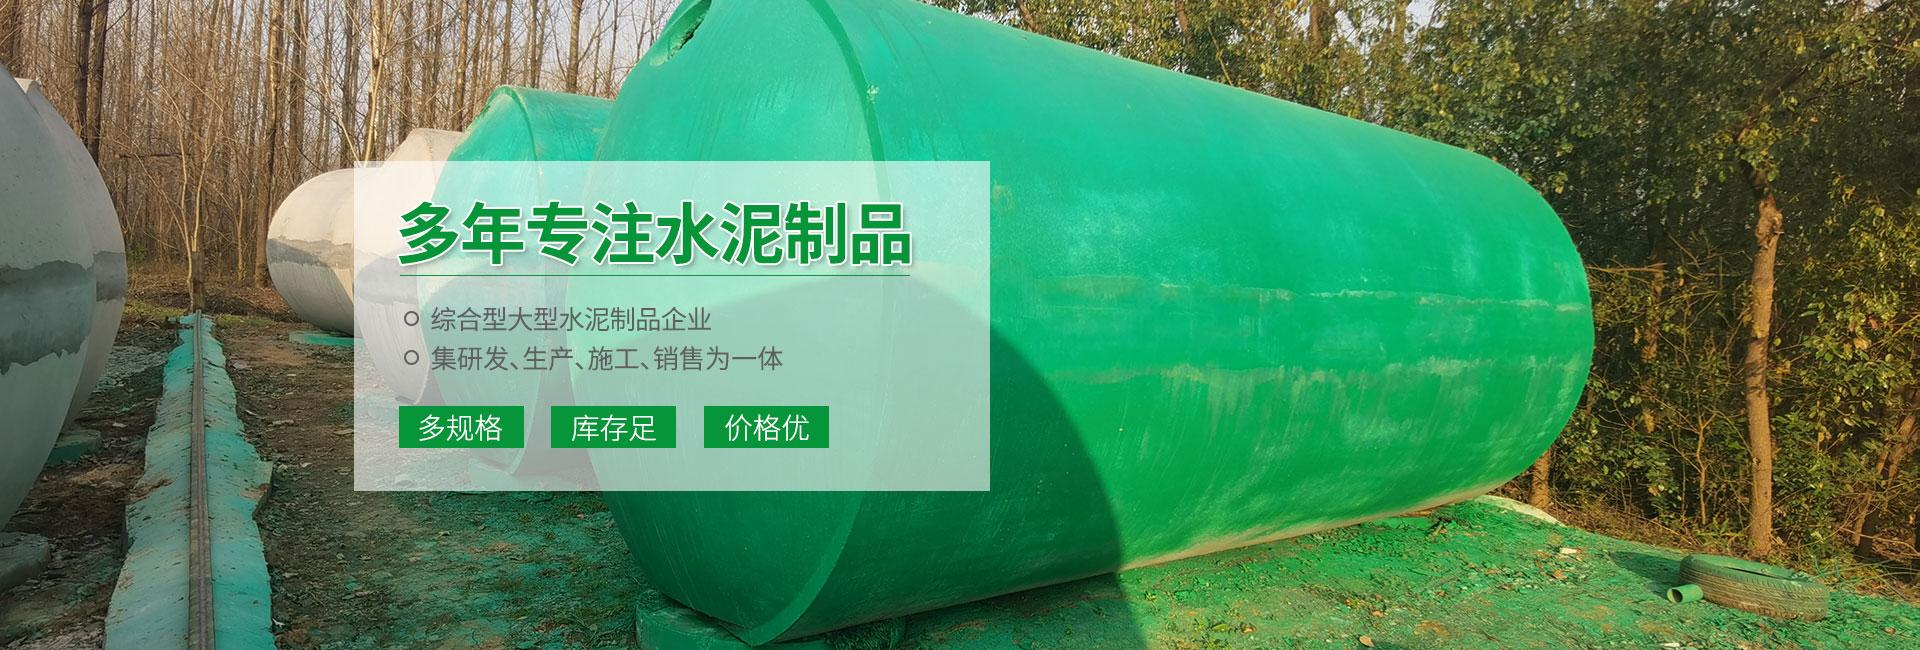 安徽省路达水泥制品有限公司